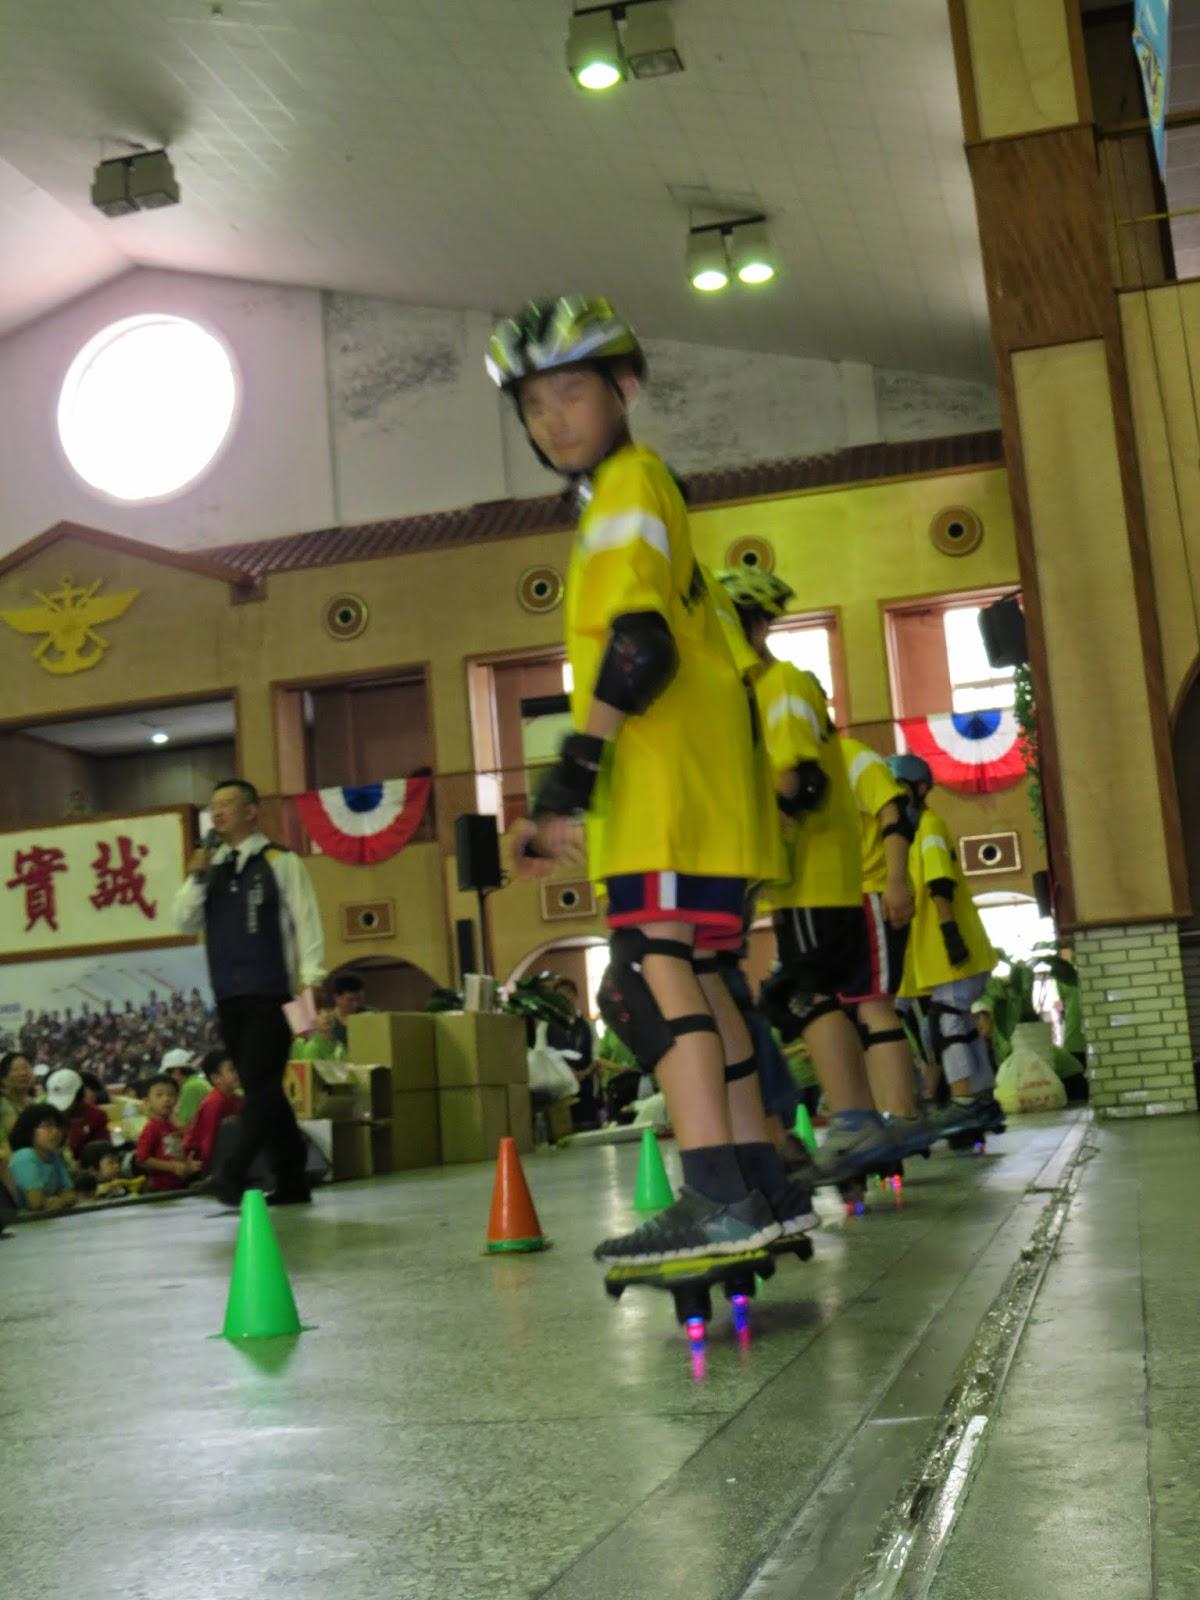 蛇版,雙龍板,飄移版,新北市輪板運動協進會